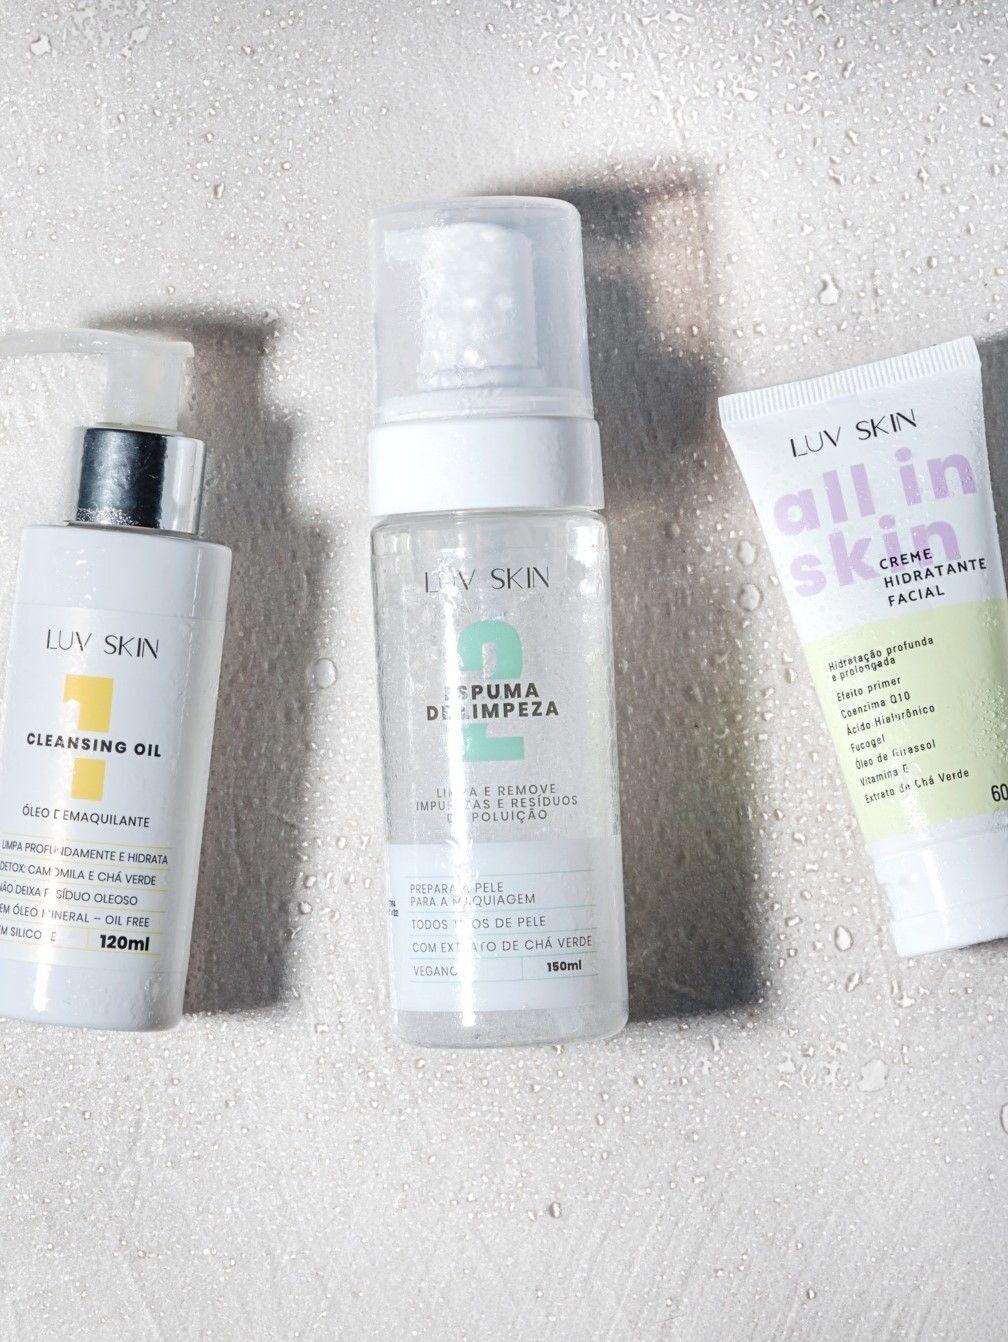 Luv Skin: a marca e os produtos que te convidam a amar sua pele